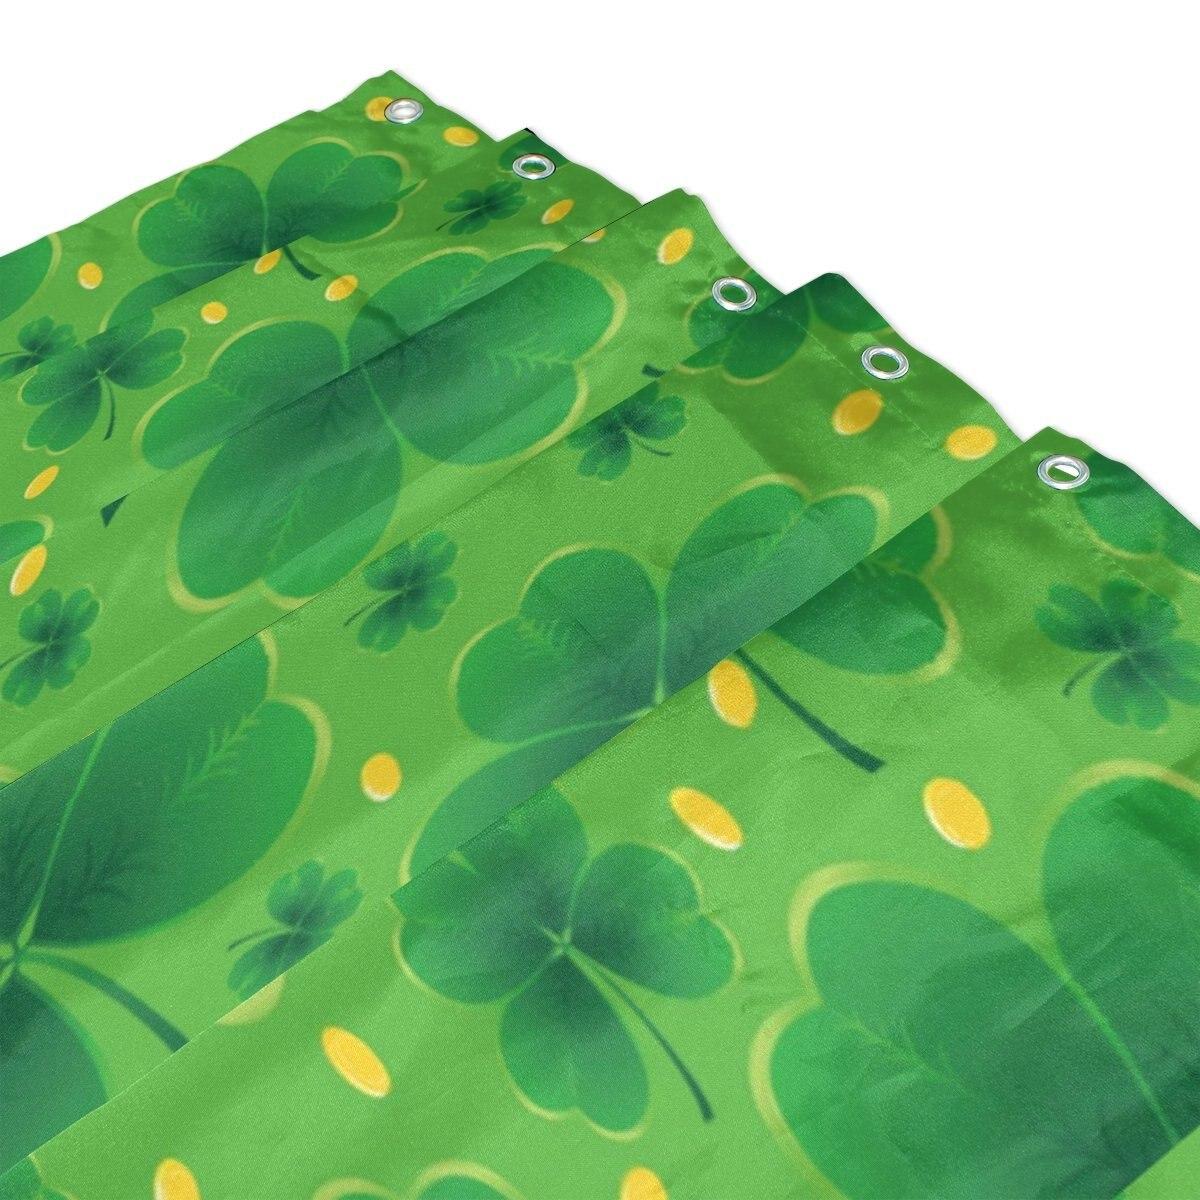 День Святого Патрика душ Шторы и Коврики комплект, счастливый клевер Весна Зеленый лист Водонепроницаемый Ткань Ванная комната Шторы